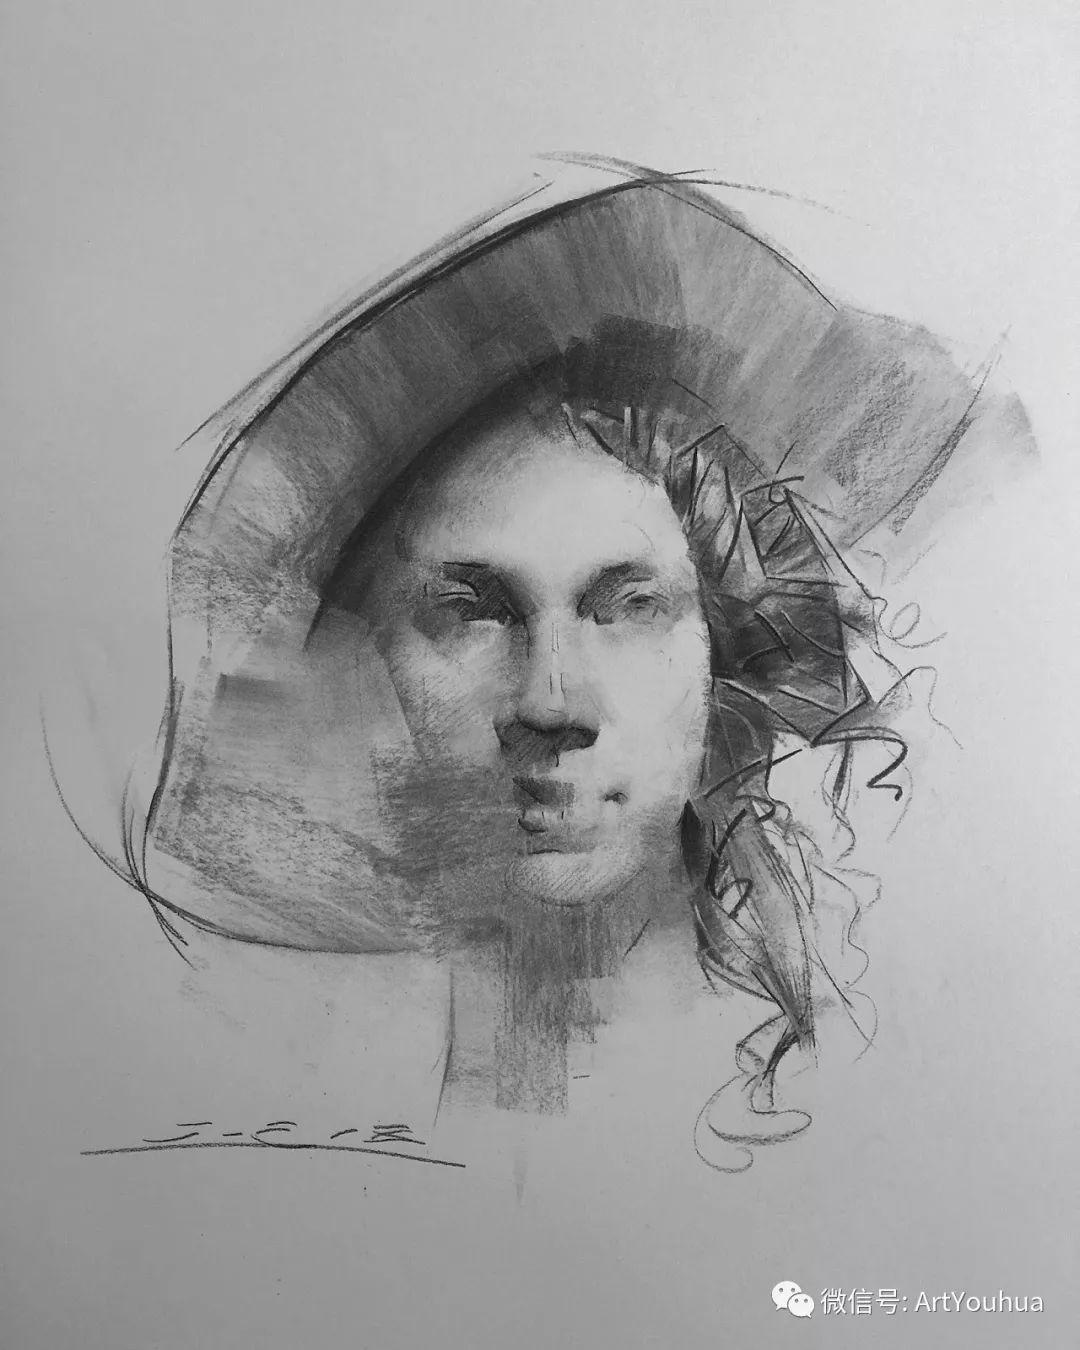 他的人物肖像绘画独具一格 还是位80后画家插图115